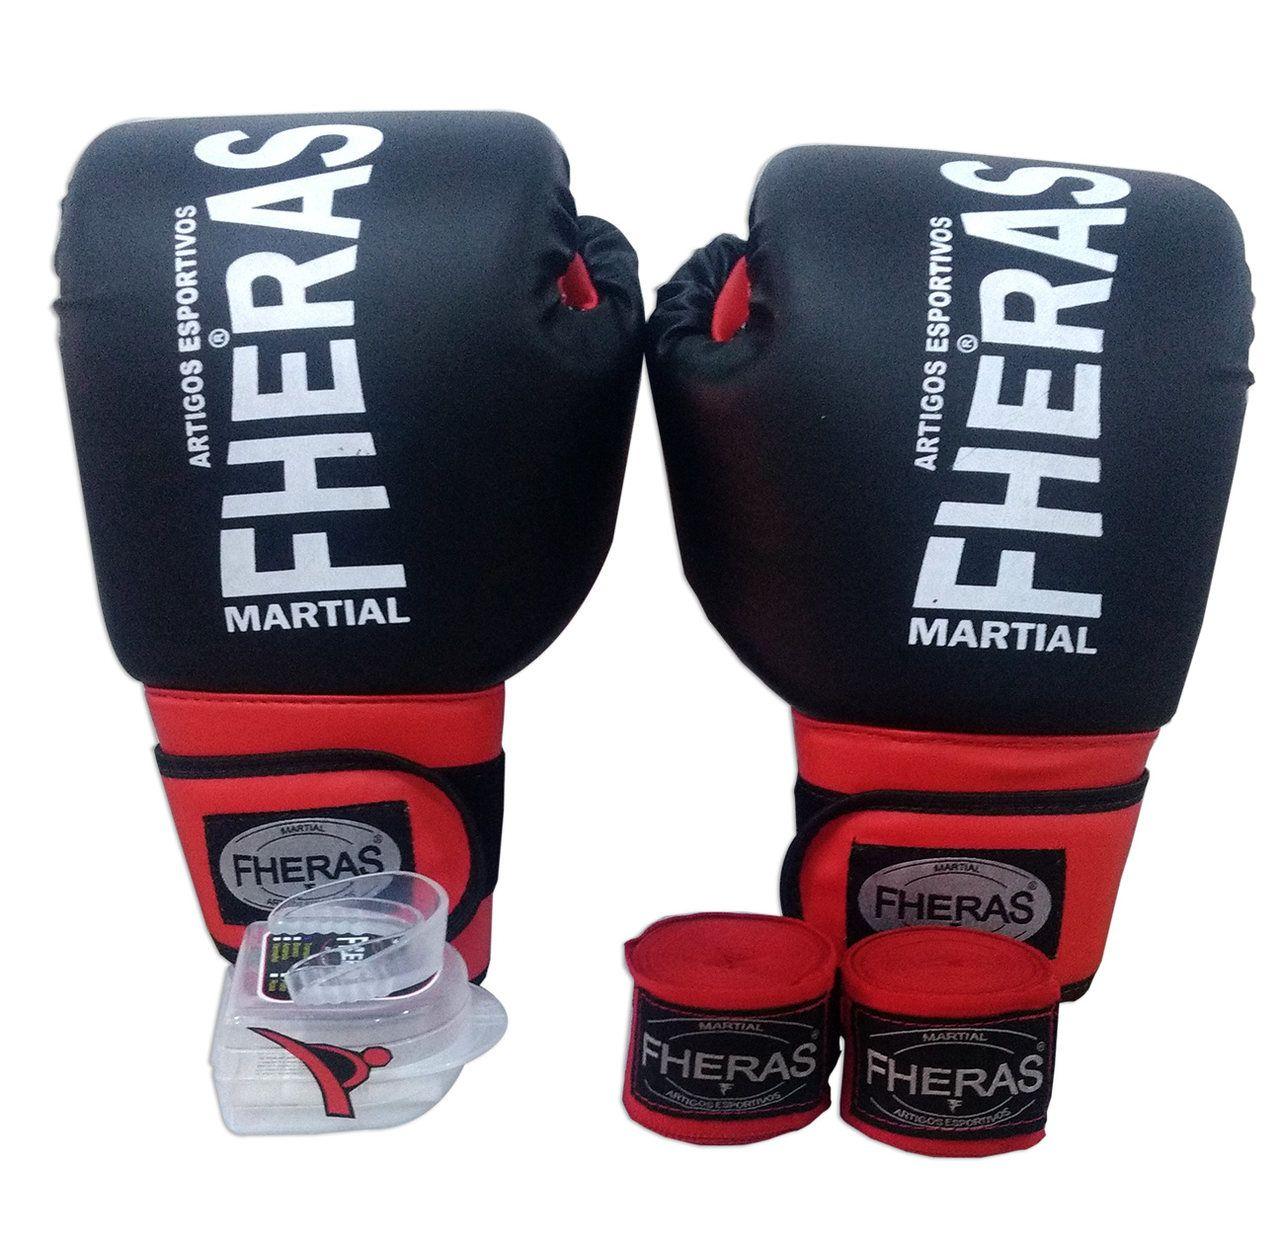 Kit de Boxe / Muay Thai 12oz - Preto com Vermelho - Fheras  - PRALUTA SHOP